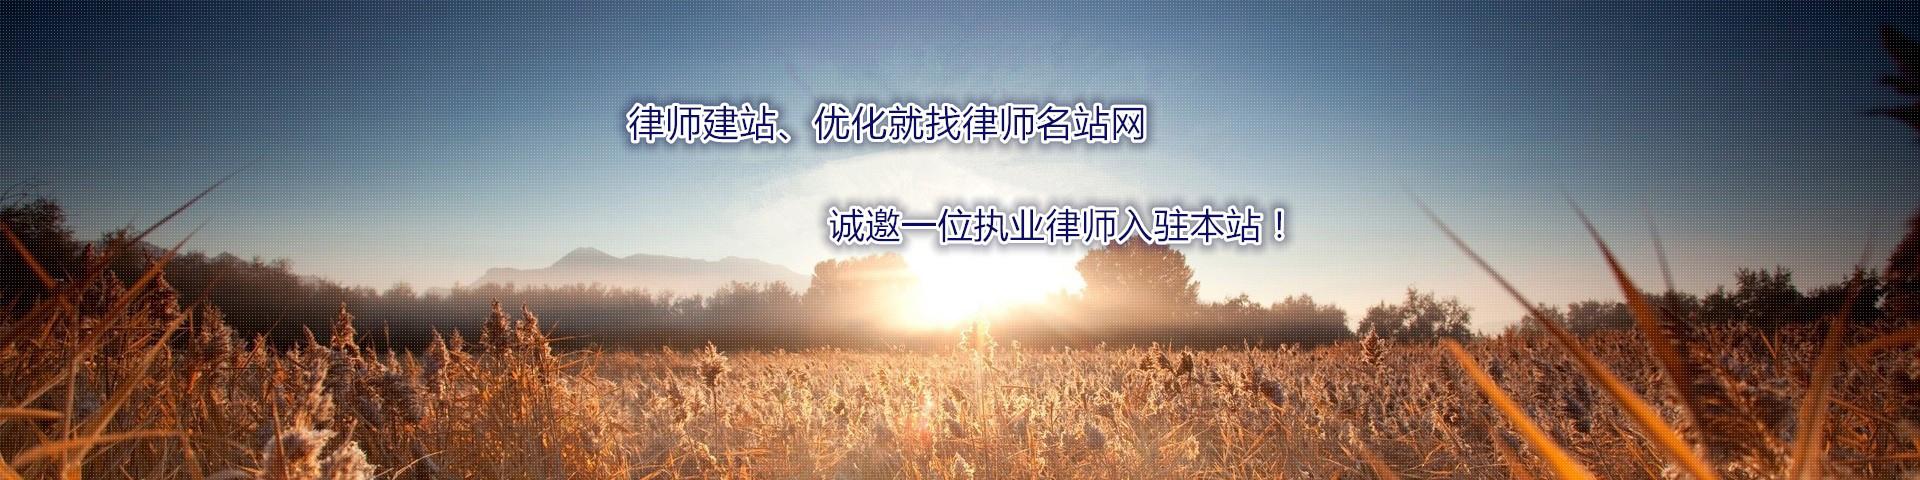 南京法律顾问律师大图二